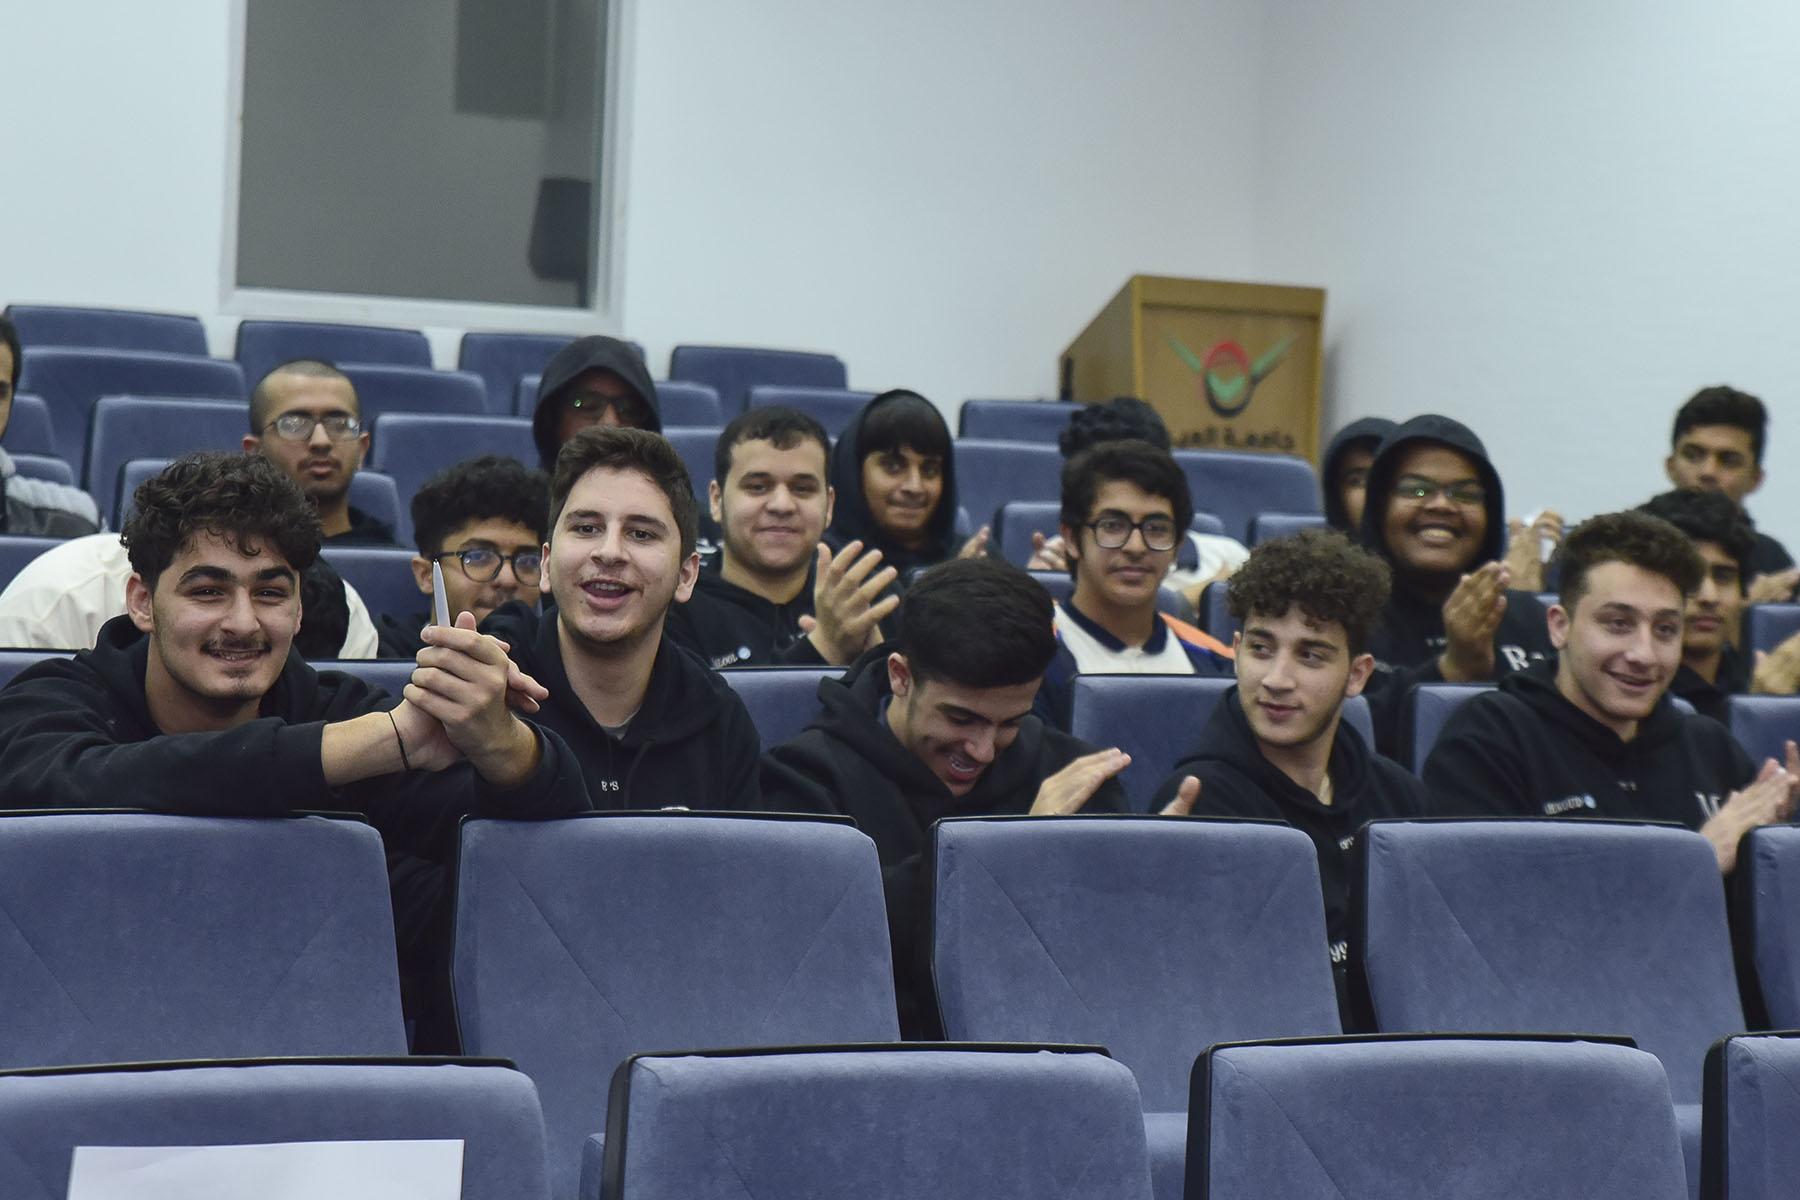 اليوم الأول (مدرسة صقر الامارات الدولية الخاصة ضد مدرسة المدار الدولية)